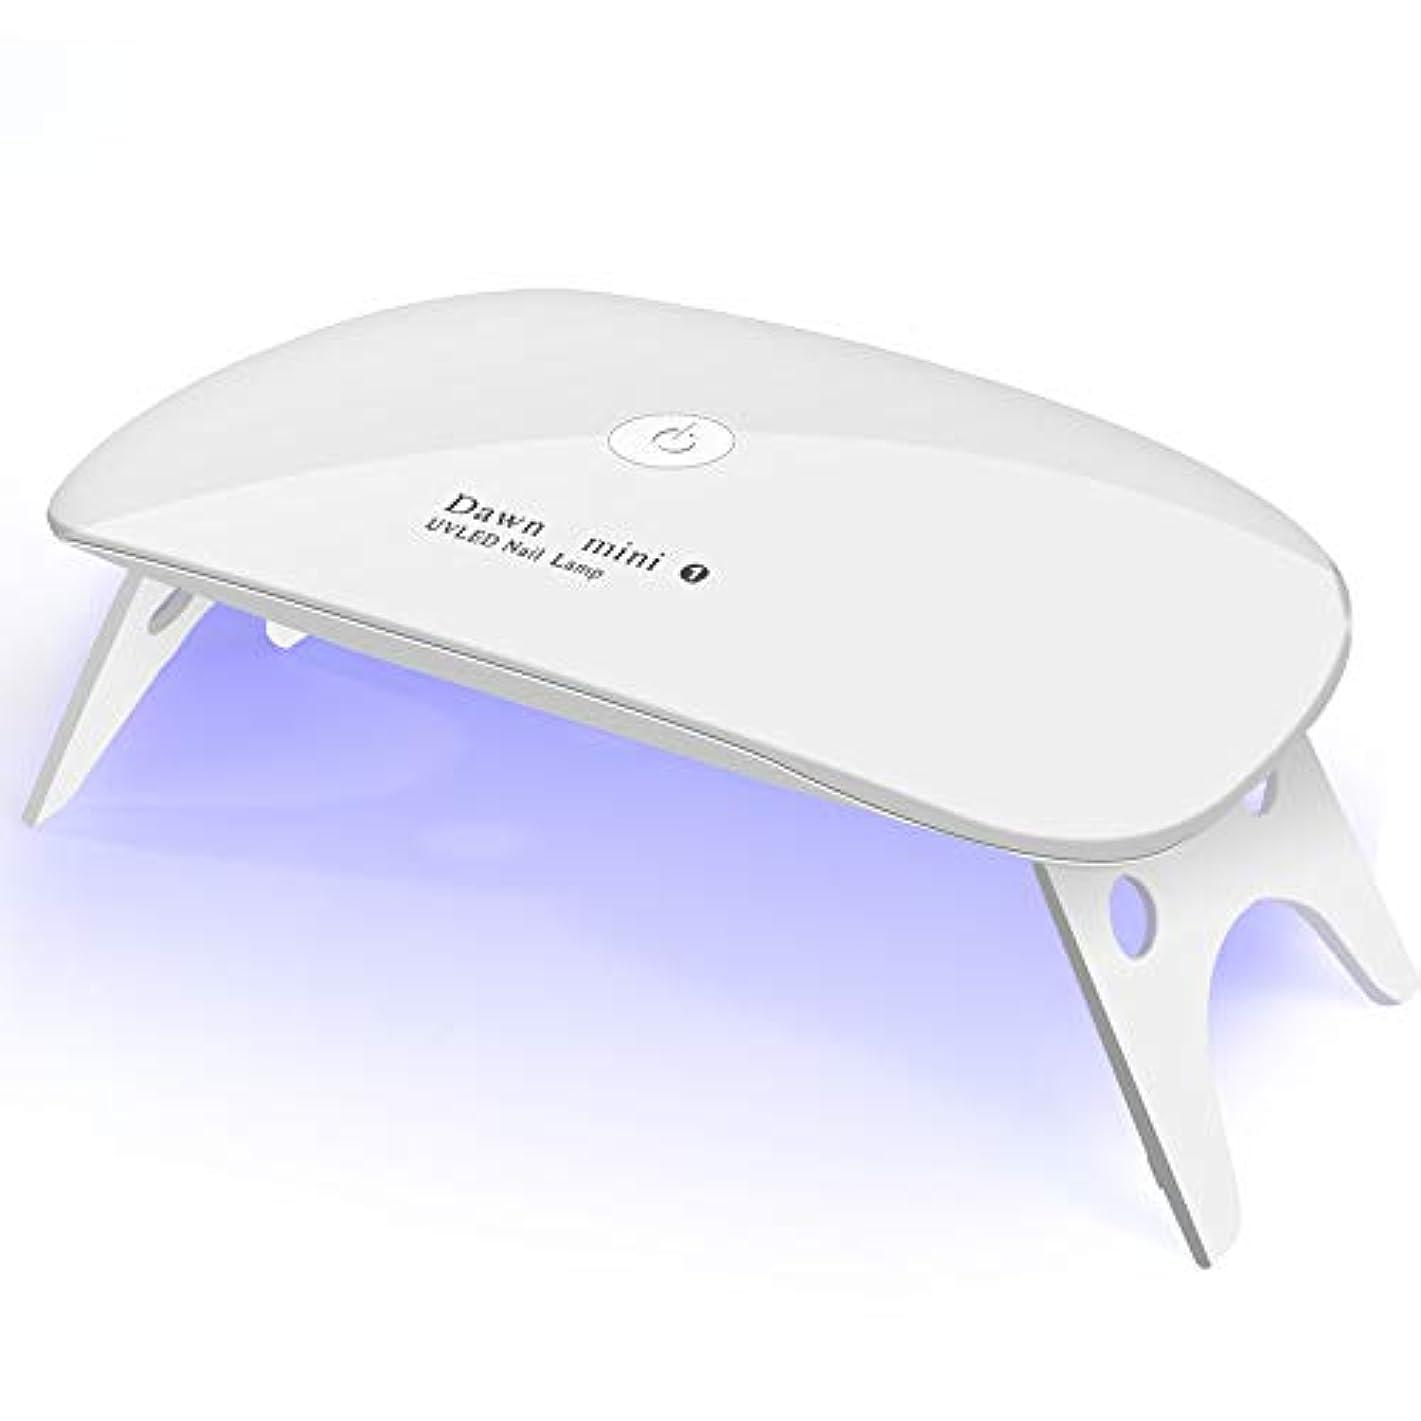 初期湿地知らせるUVライト LEDネイルドライヤー ジェルネイルLEDライト 硬化ライト タイマー設定可能 折りたたみ式手足とも使える 人感センサー式 UV と LEDダブルライト ジェルネイル用 (ホワイト )